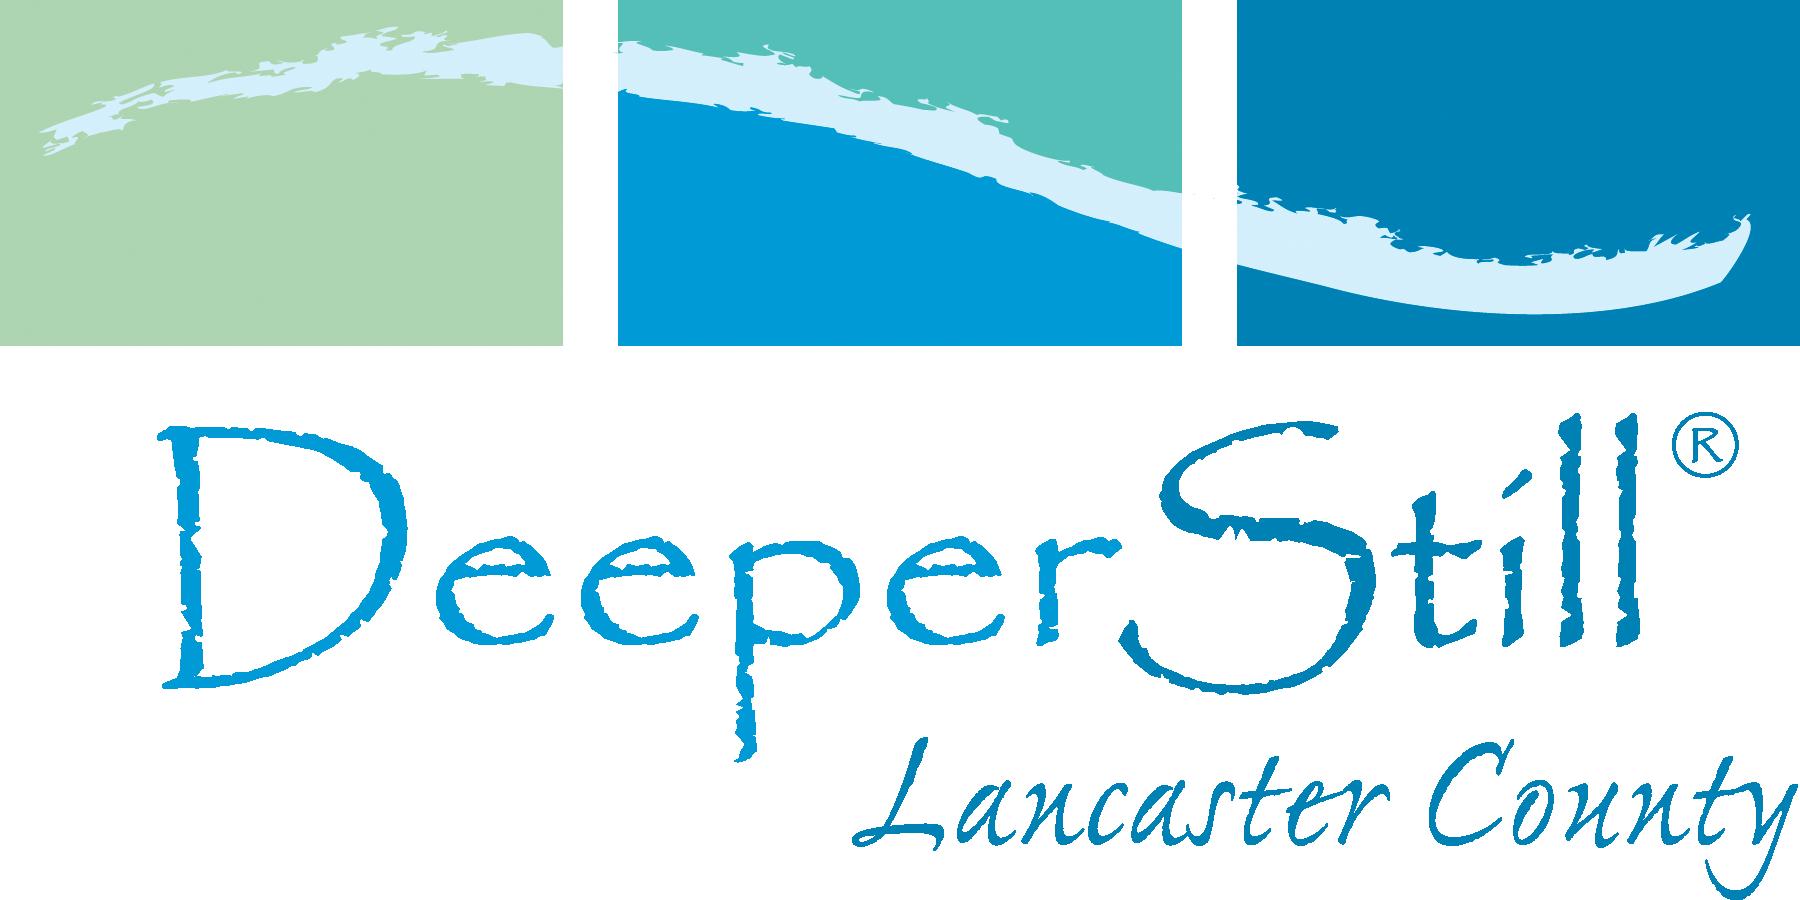 deeperStill_logo_LancasterCounty (2)